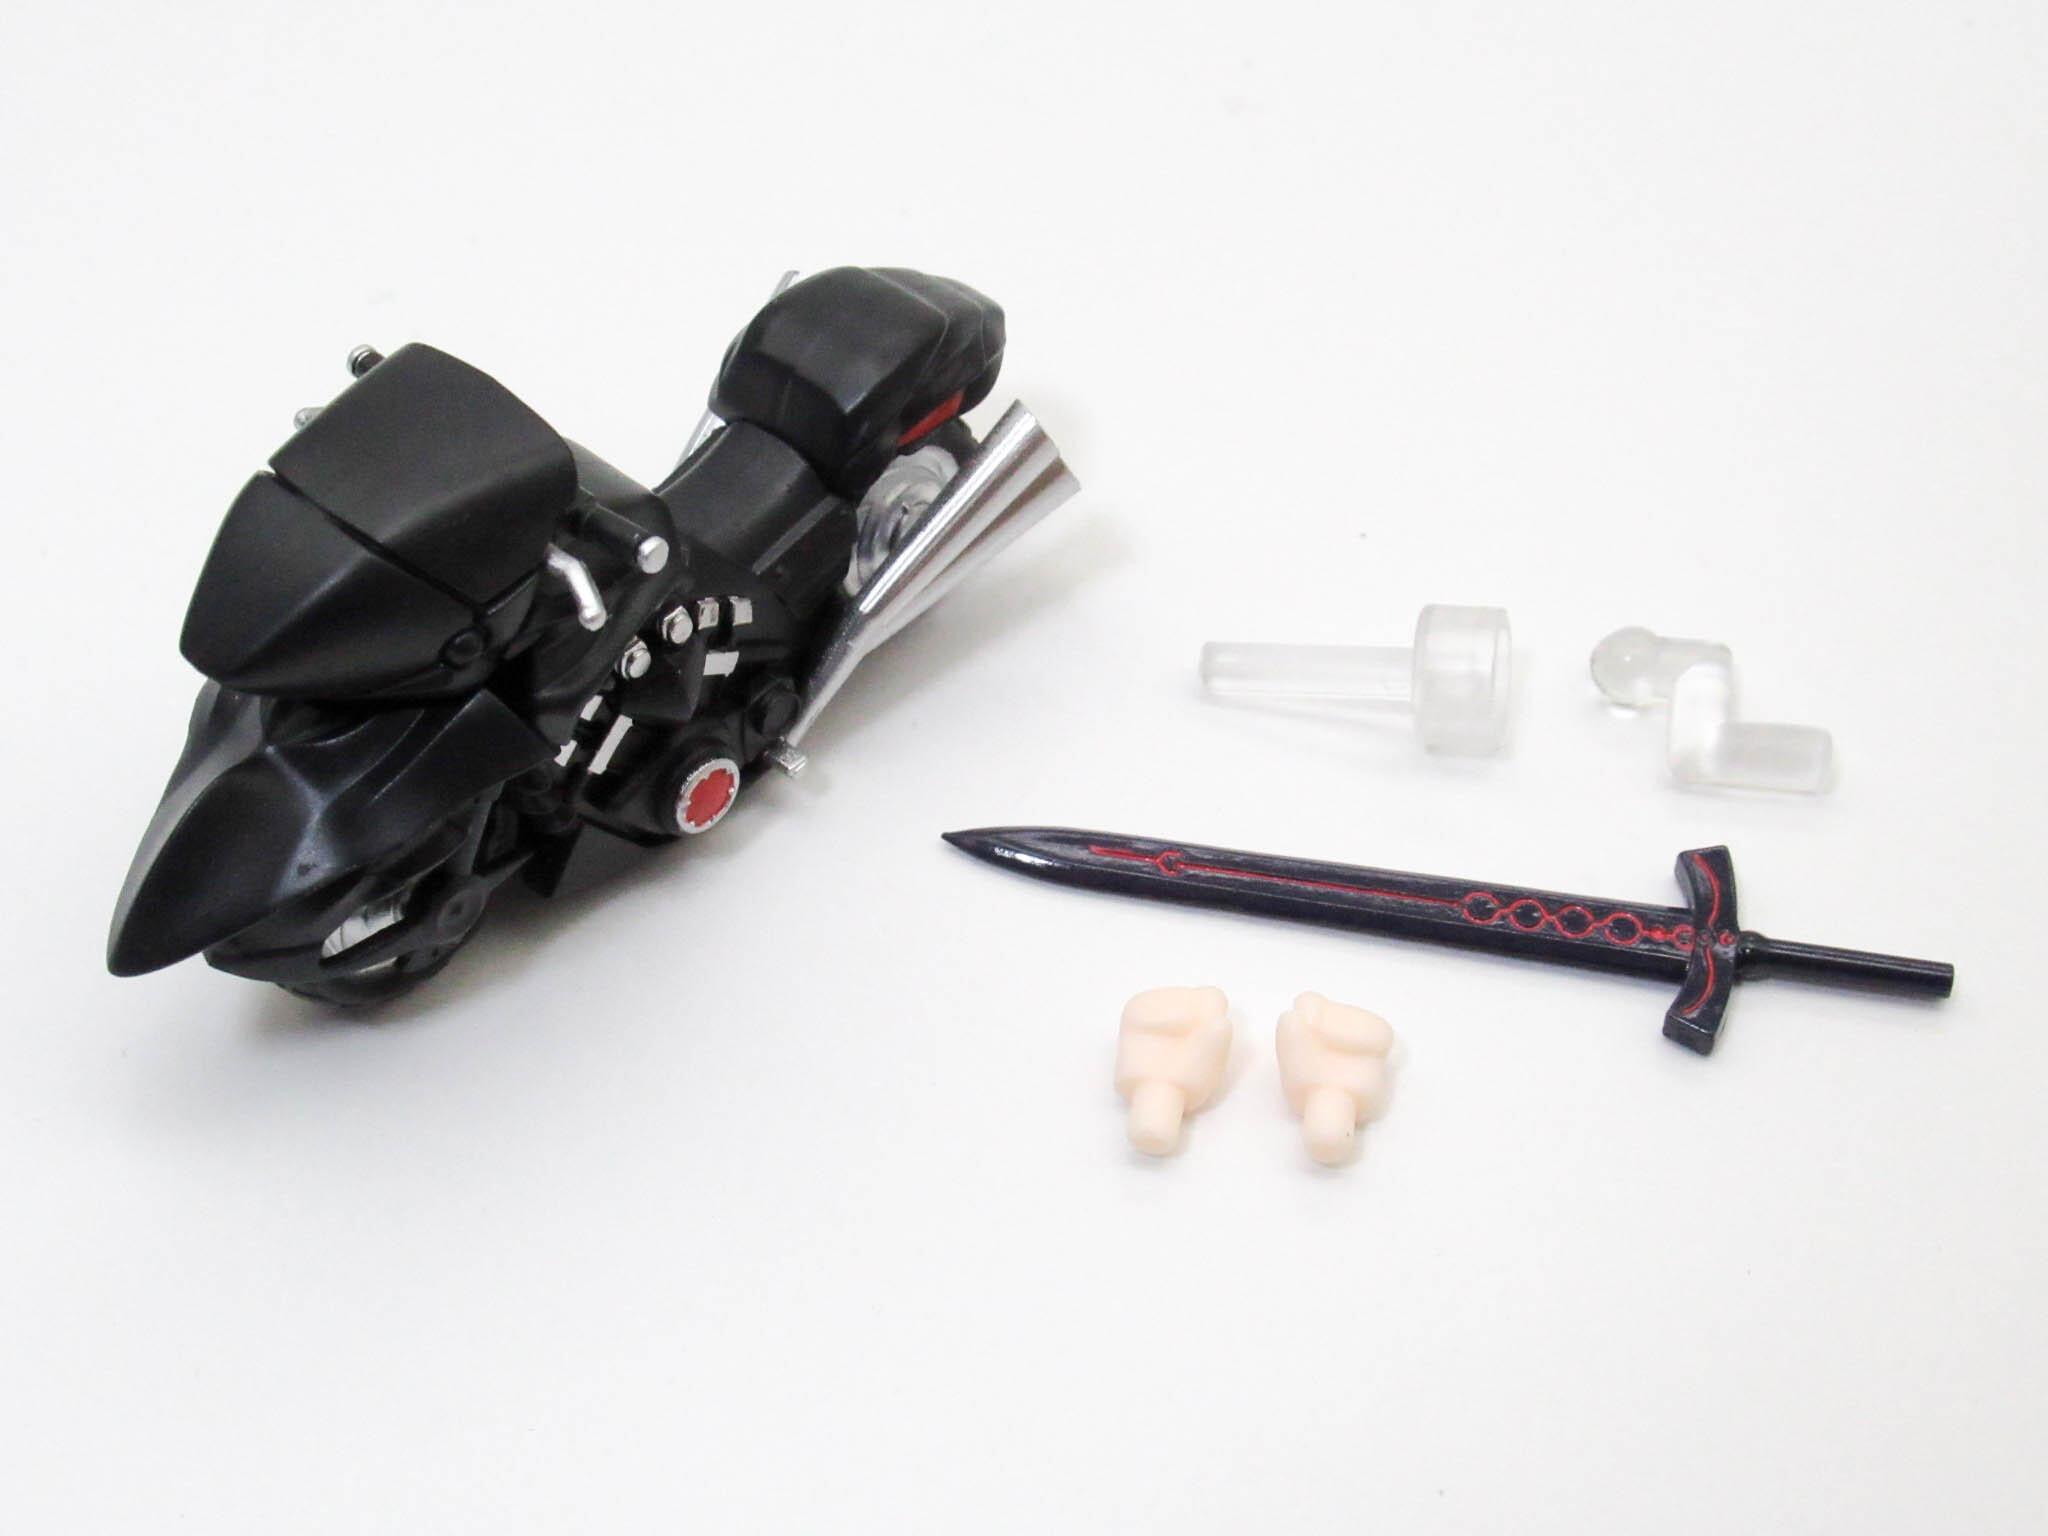 再入荷【1142DX】 セイバーオルタ 新宿Ver.&キュイラッシェ・ノワール 小物パーツ バイクと剣 ねんどろいど